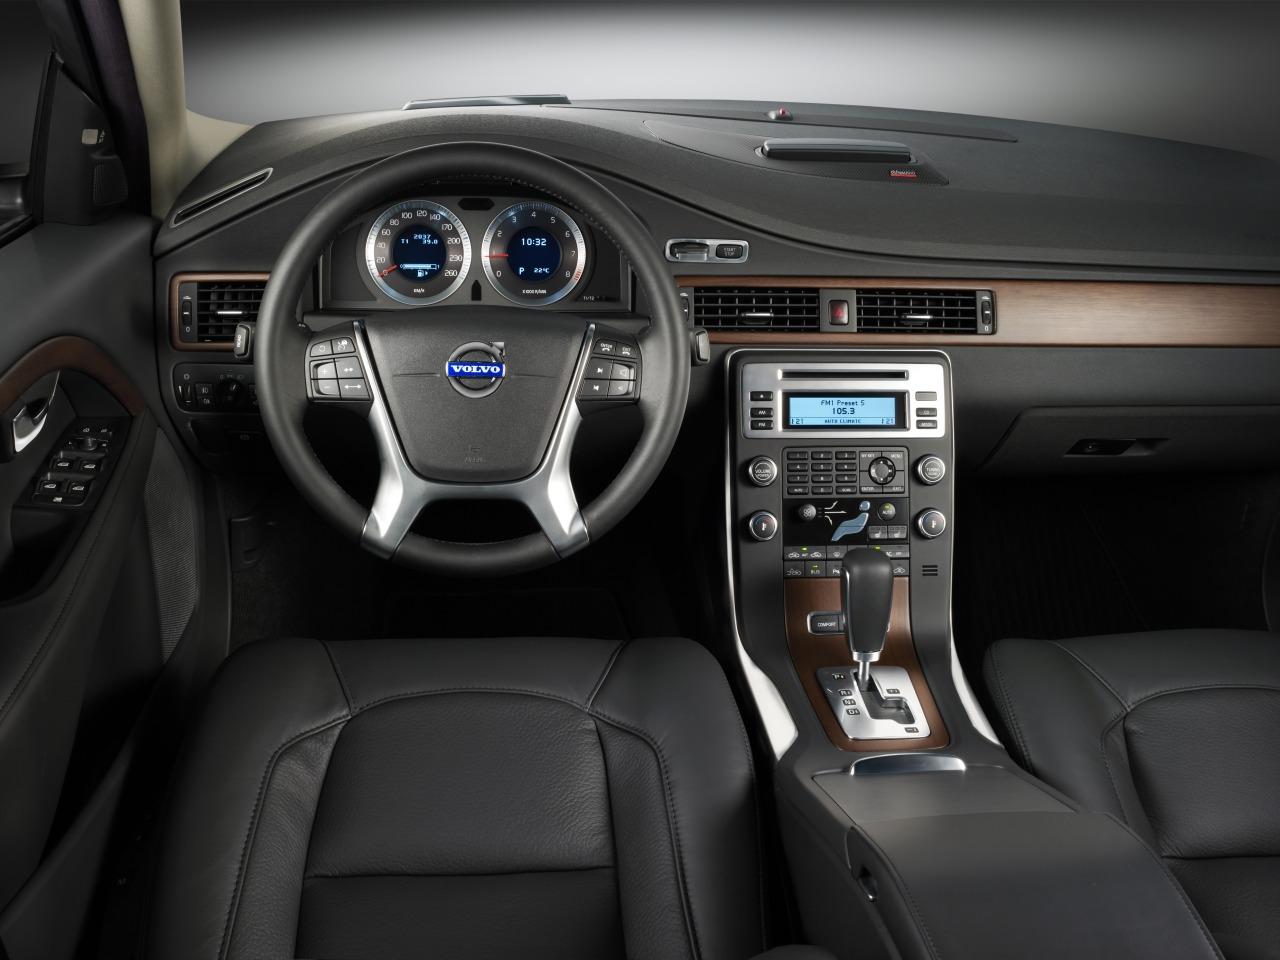 VOLVO S-80 interior